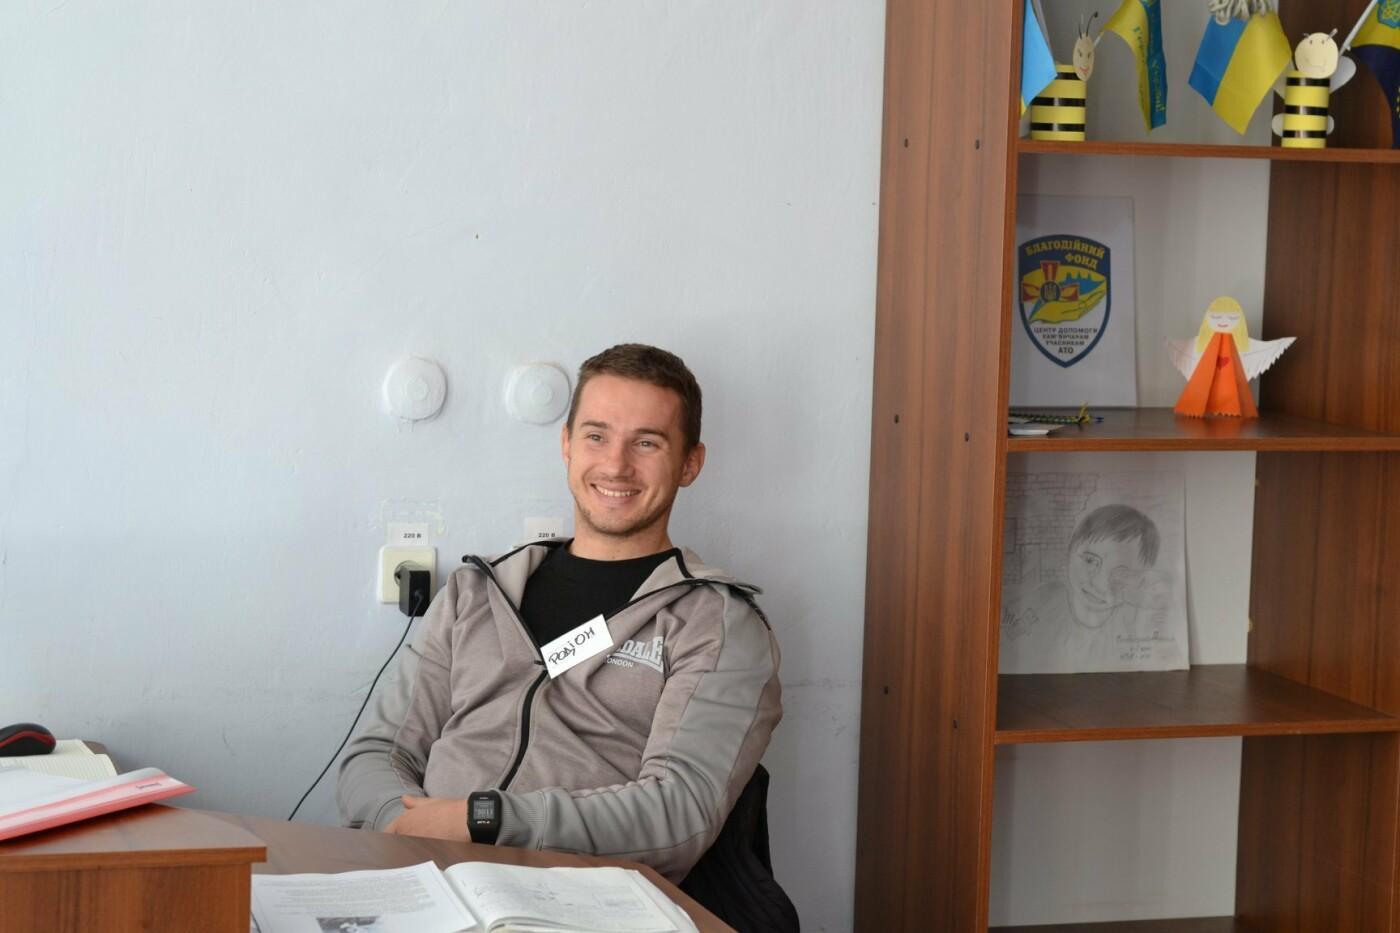 Як навчають соціальному підприємництву ветеранів АТО у Кам'янці-Подільському, фото-12